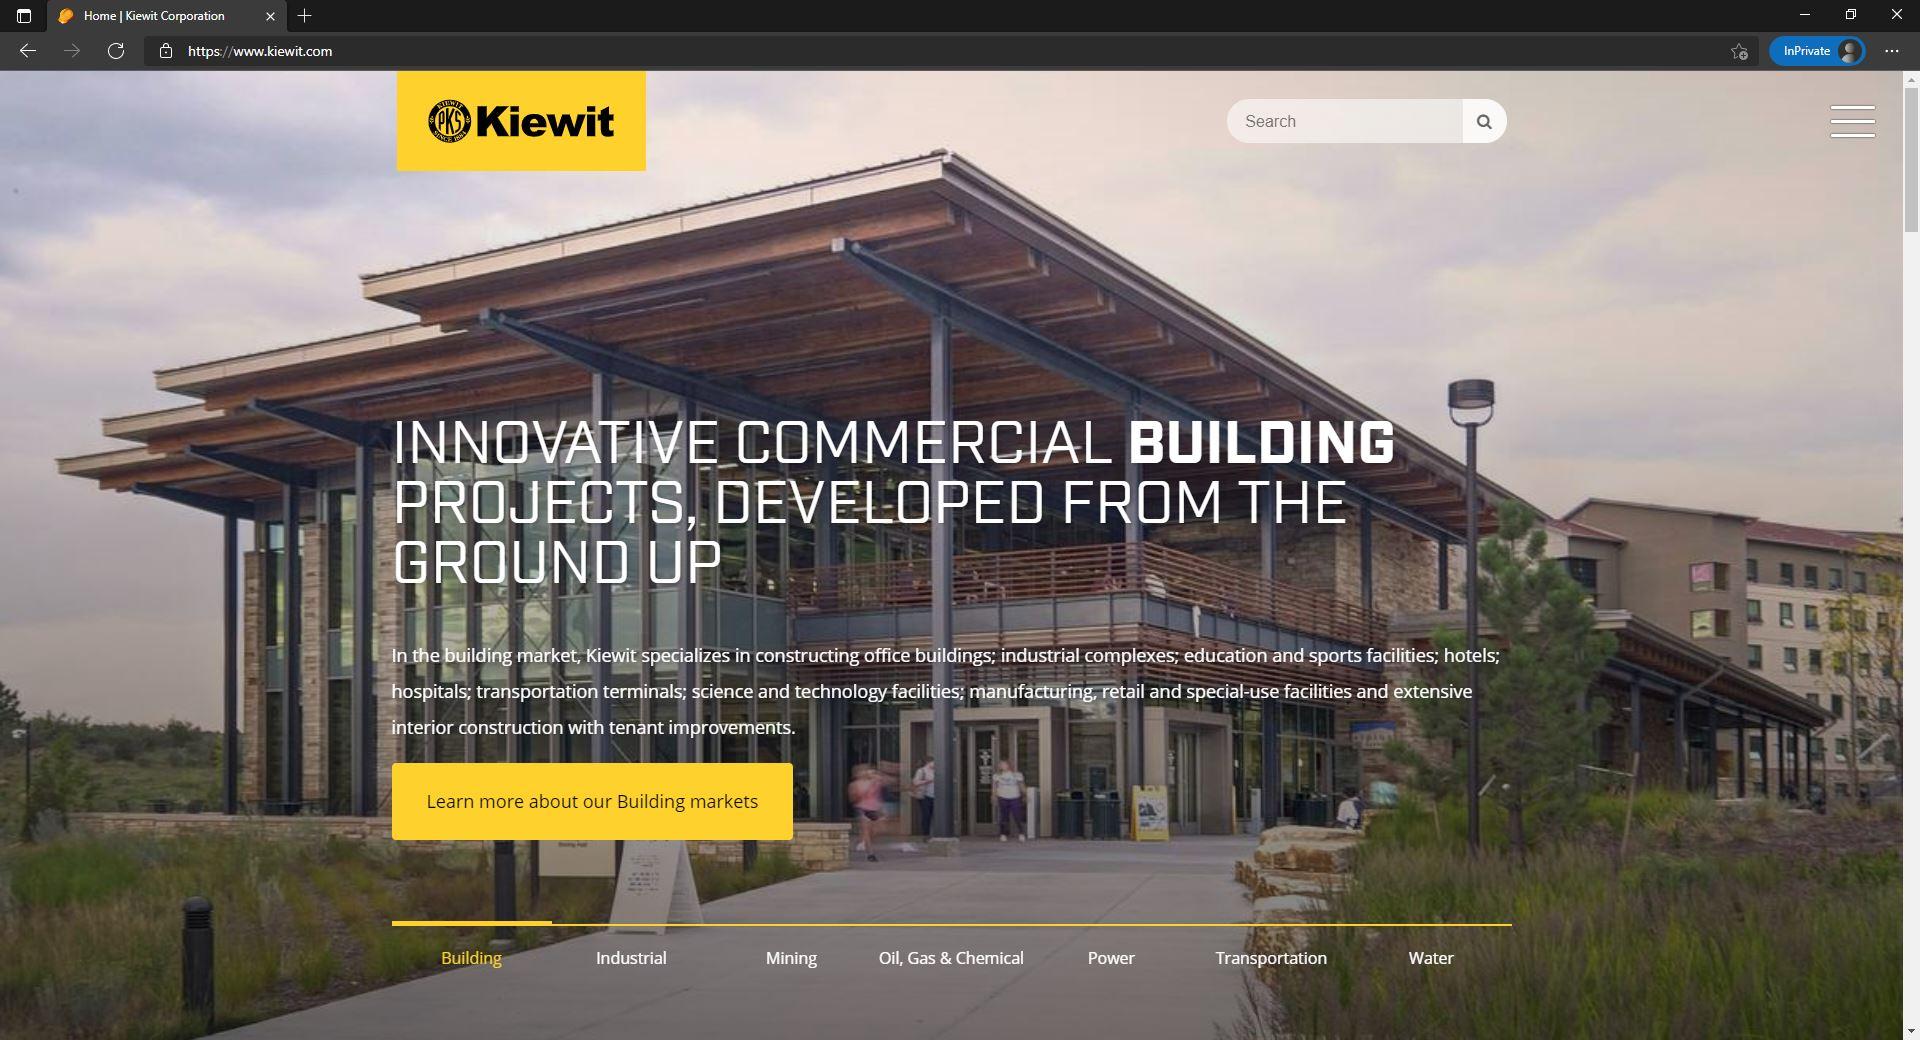 Kiewit website homepage